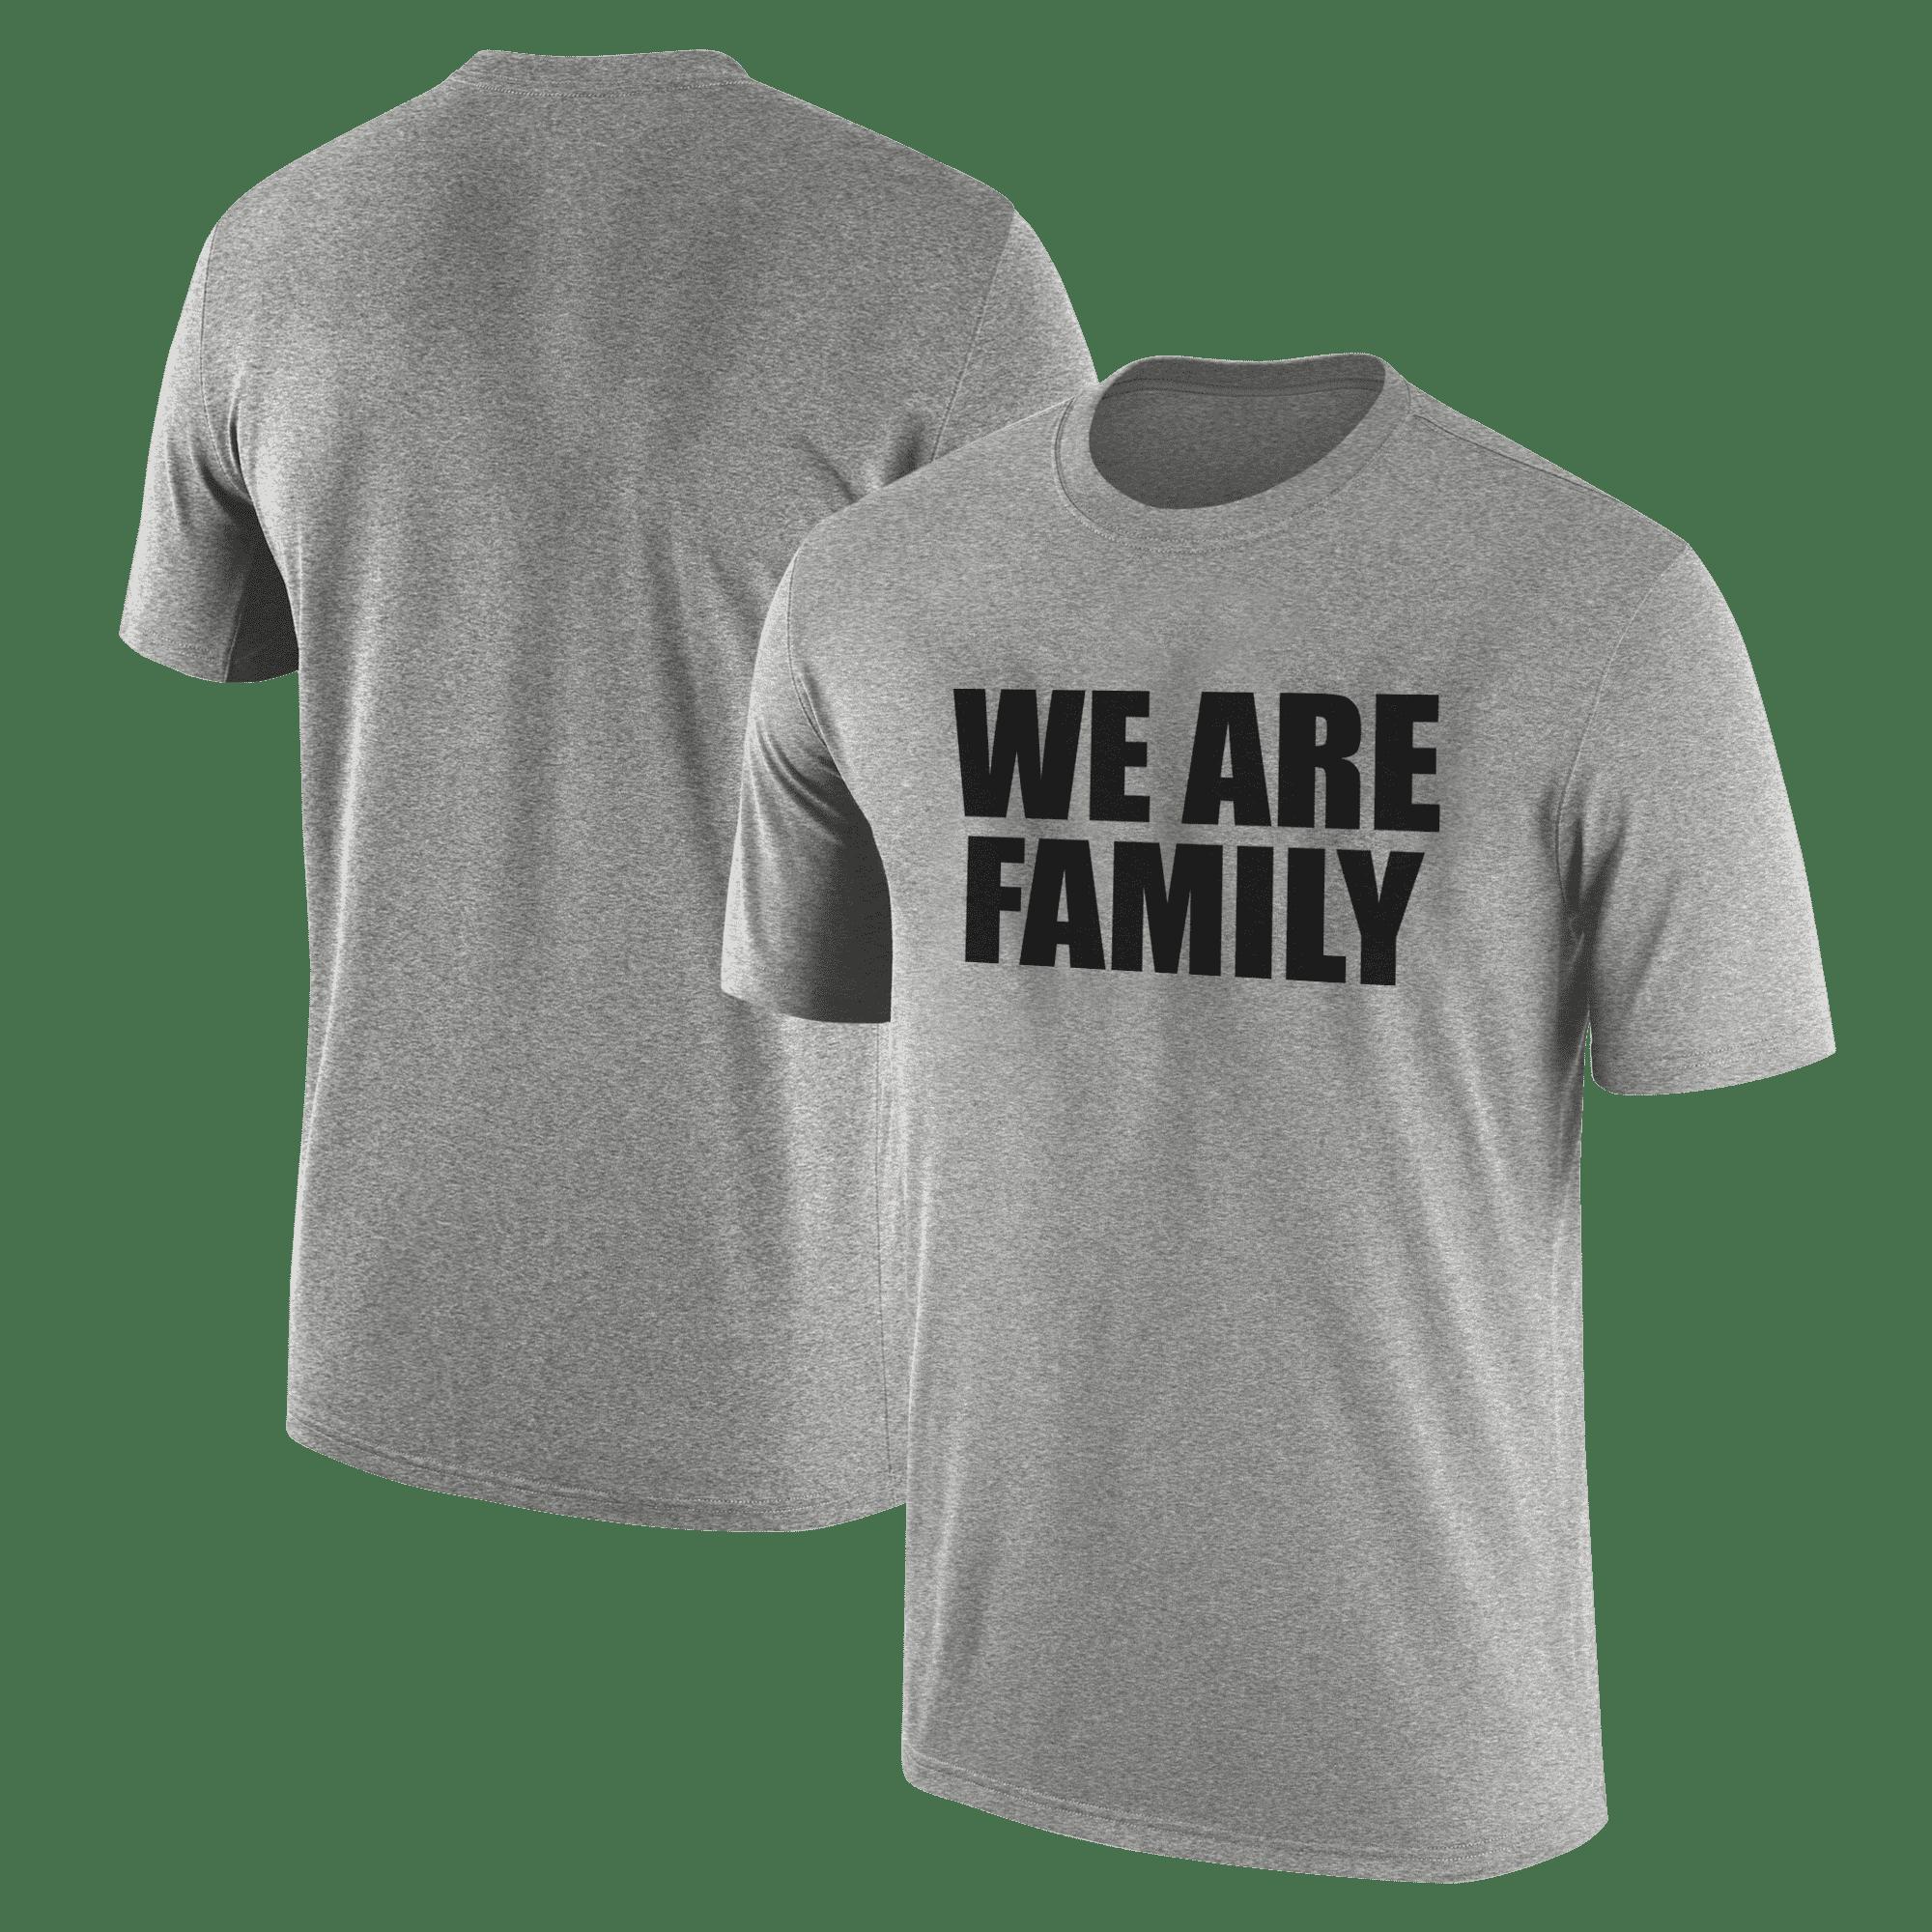 We Are Family  Tshirt (TSH-GRY-KLS-WHT-NP-WSH-BSKTBLL-wefamily-Syh-542)